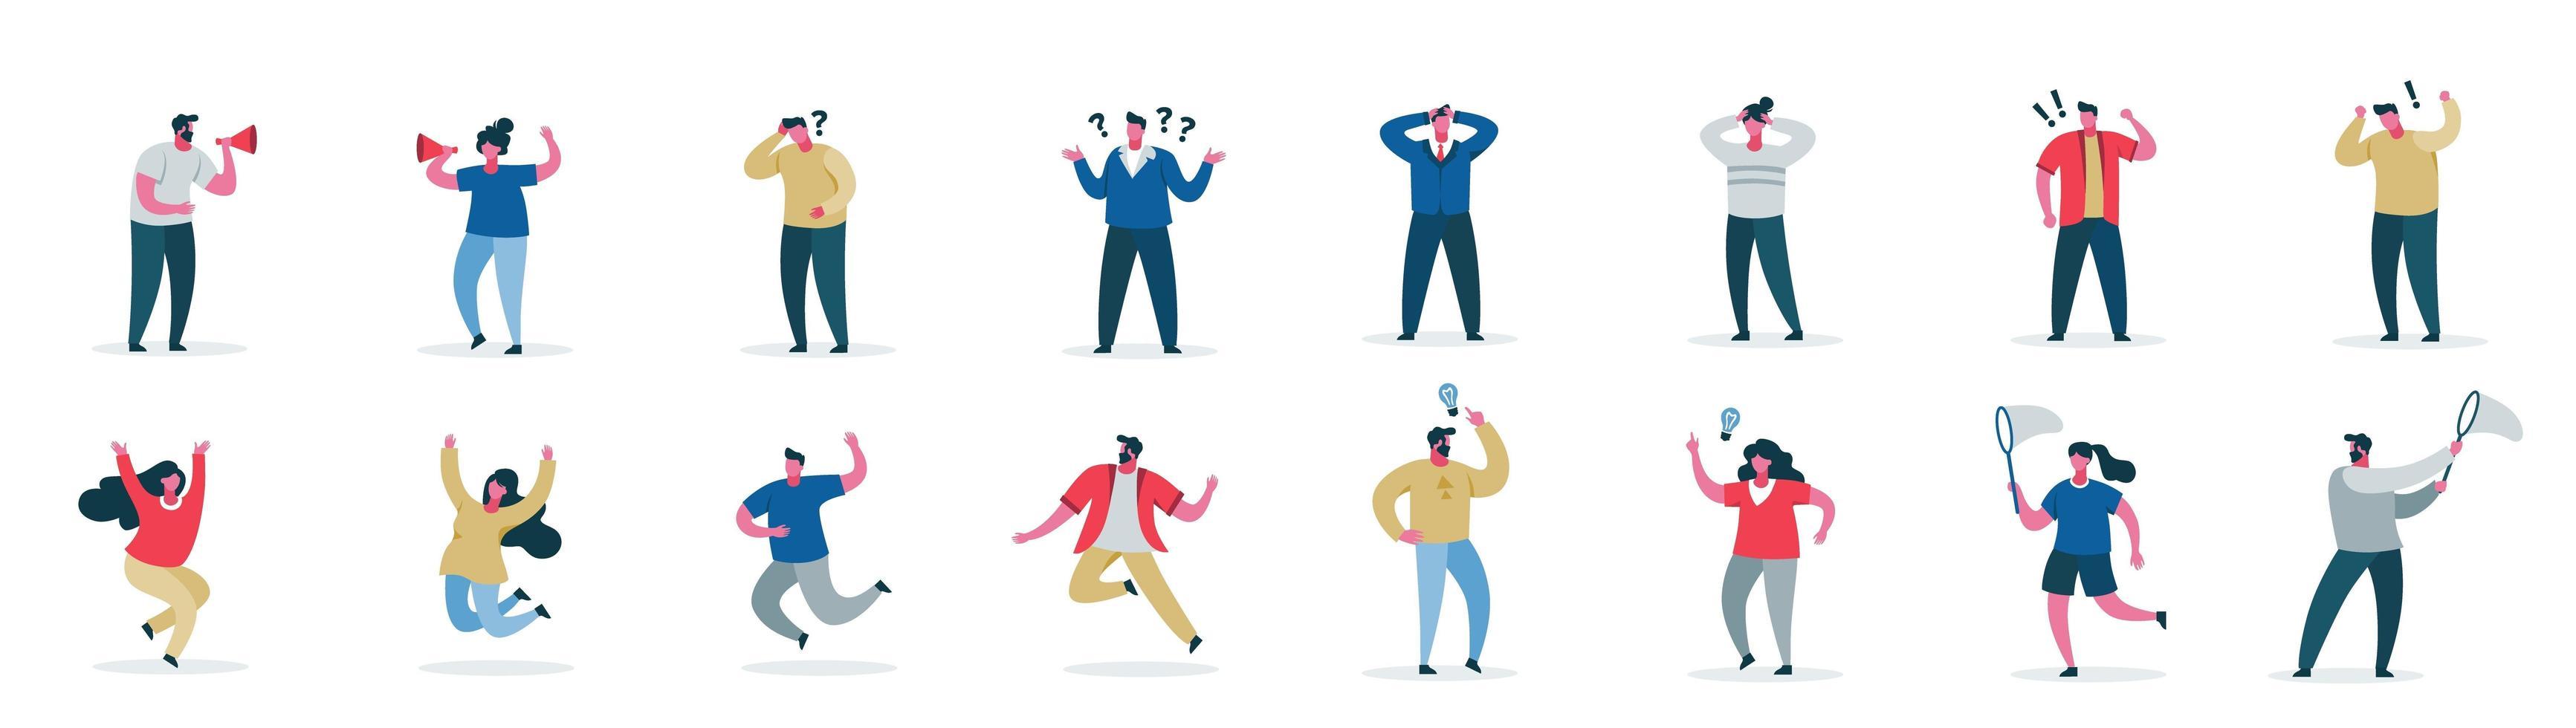 manliga och kvinnliga seriefigurer som visar olika känslor vektor